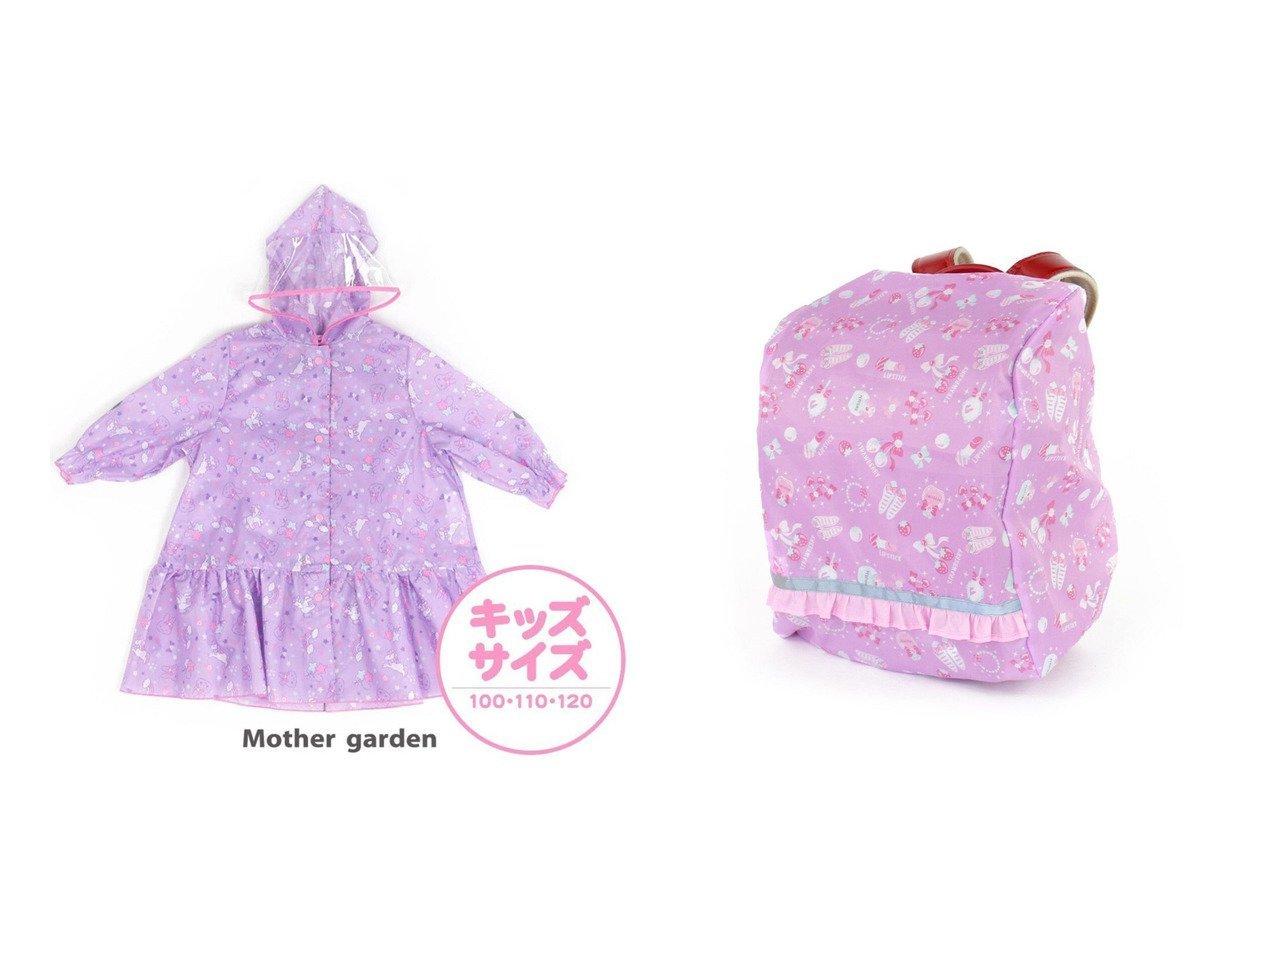 【Mother garden/マザーガーデン】のマザーガーデン 雨の日ランドセルカバー A4サイズ対応 収納ポーチ付き&うさもも 子供用レインコート 《ユニコーン柄》 ランドセル対応 【KIDS】子供服のおすすめ!人気トレンド・キッズファッションの通販 おすすめで人気の流行・トレンド、ファッションの通販商品 メンズファッション・キッズファッション・インテリア・家具・レディースファッション・服の通販 founy(ファニー) https://founy.com/ ガーデン スポーツ ポーチ 巾着  ID:crp329100000035805